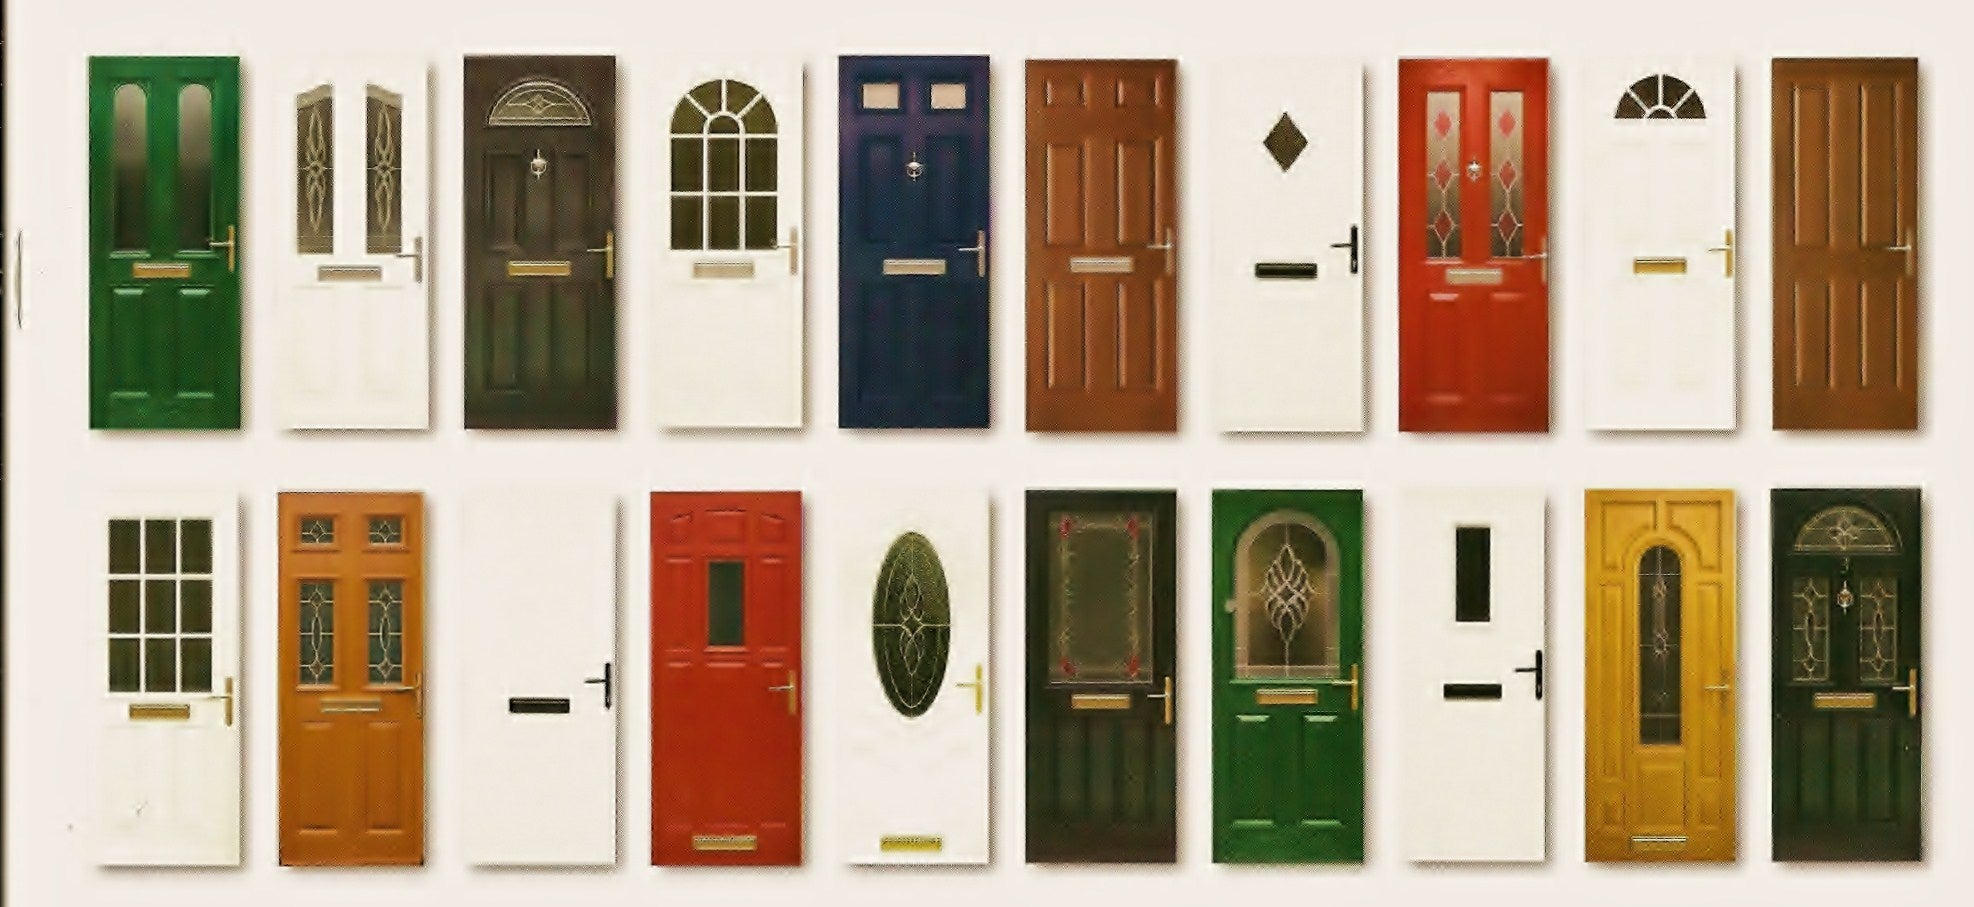 Les portes et la personnalité.